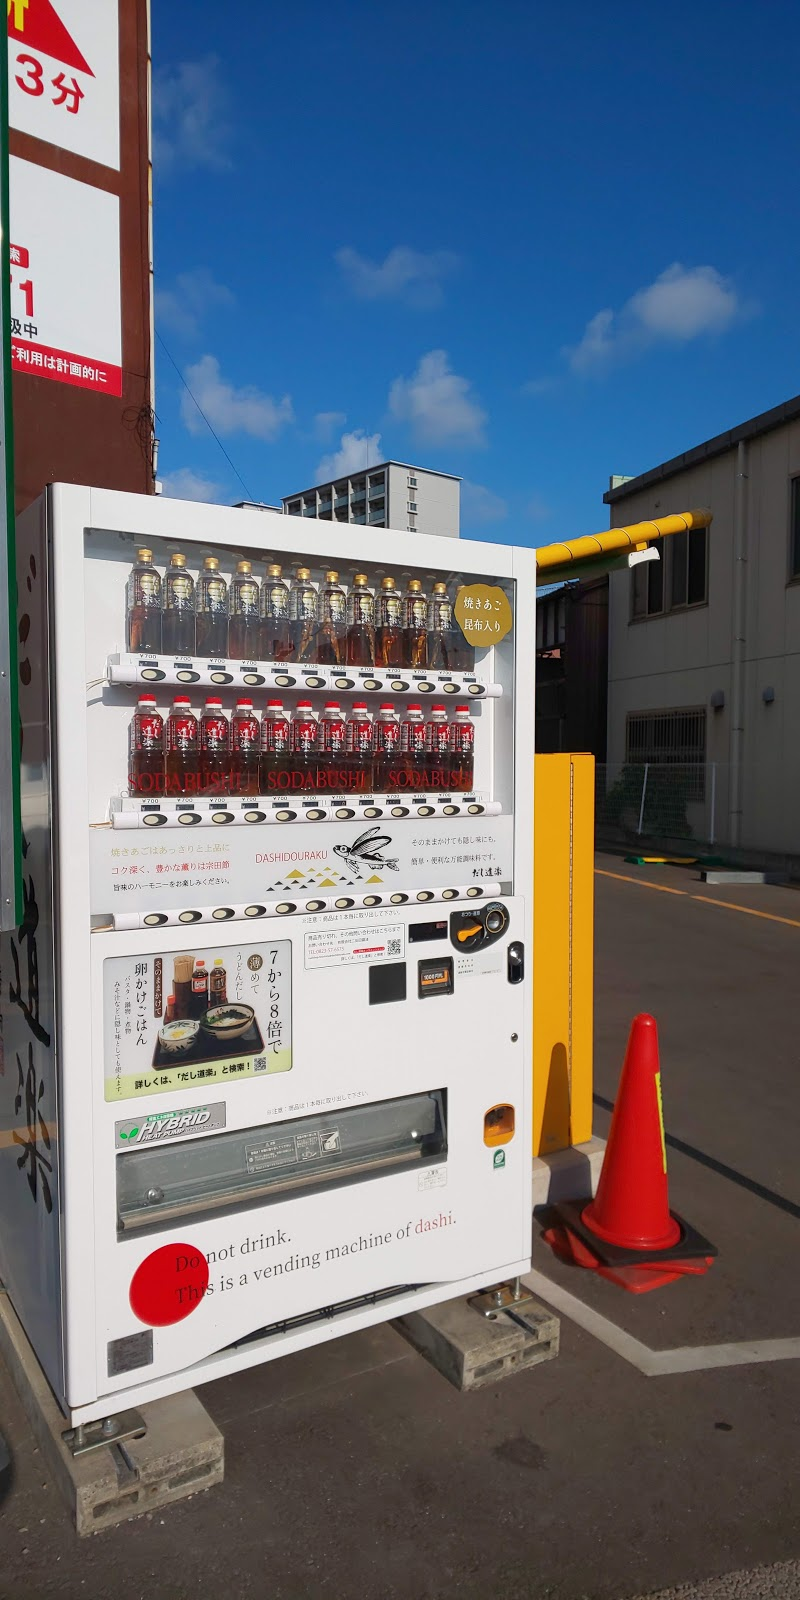 だし道楽の自動販売機 三井のリパーク「春吉1丁目第5」